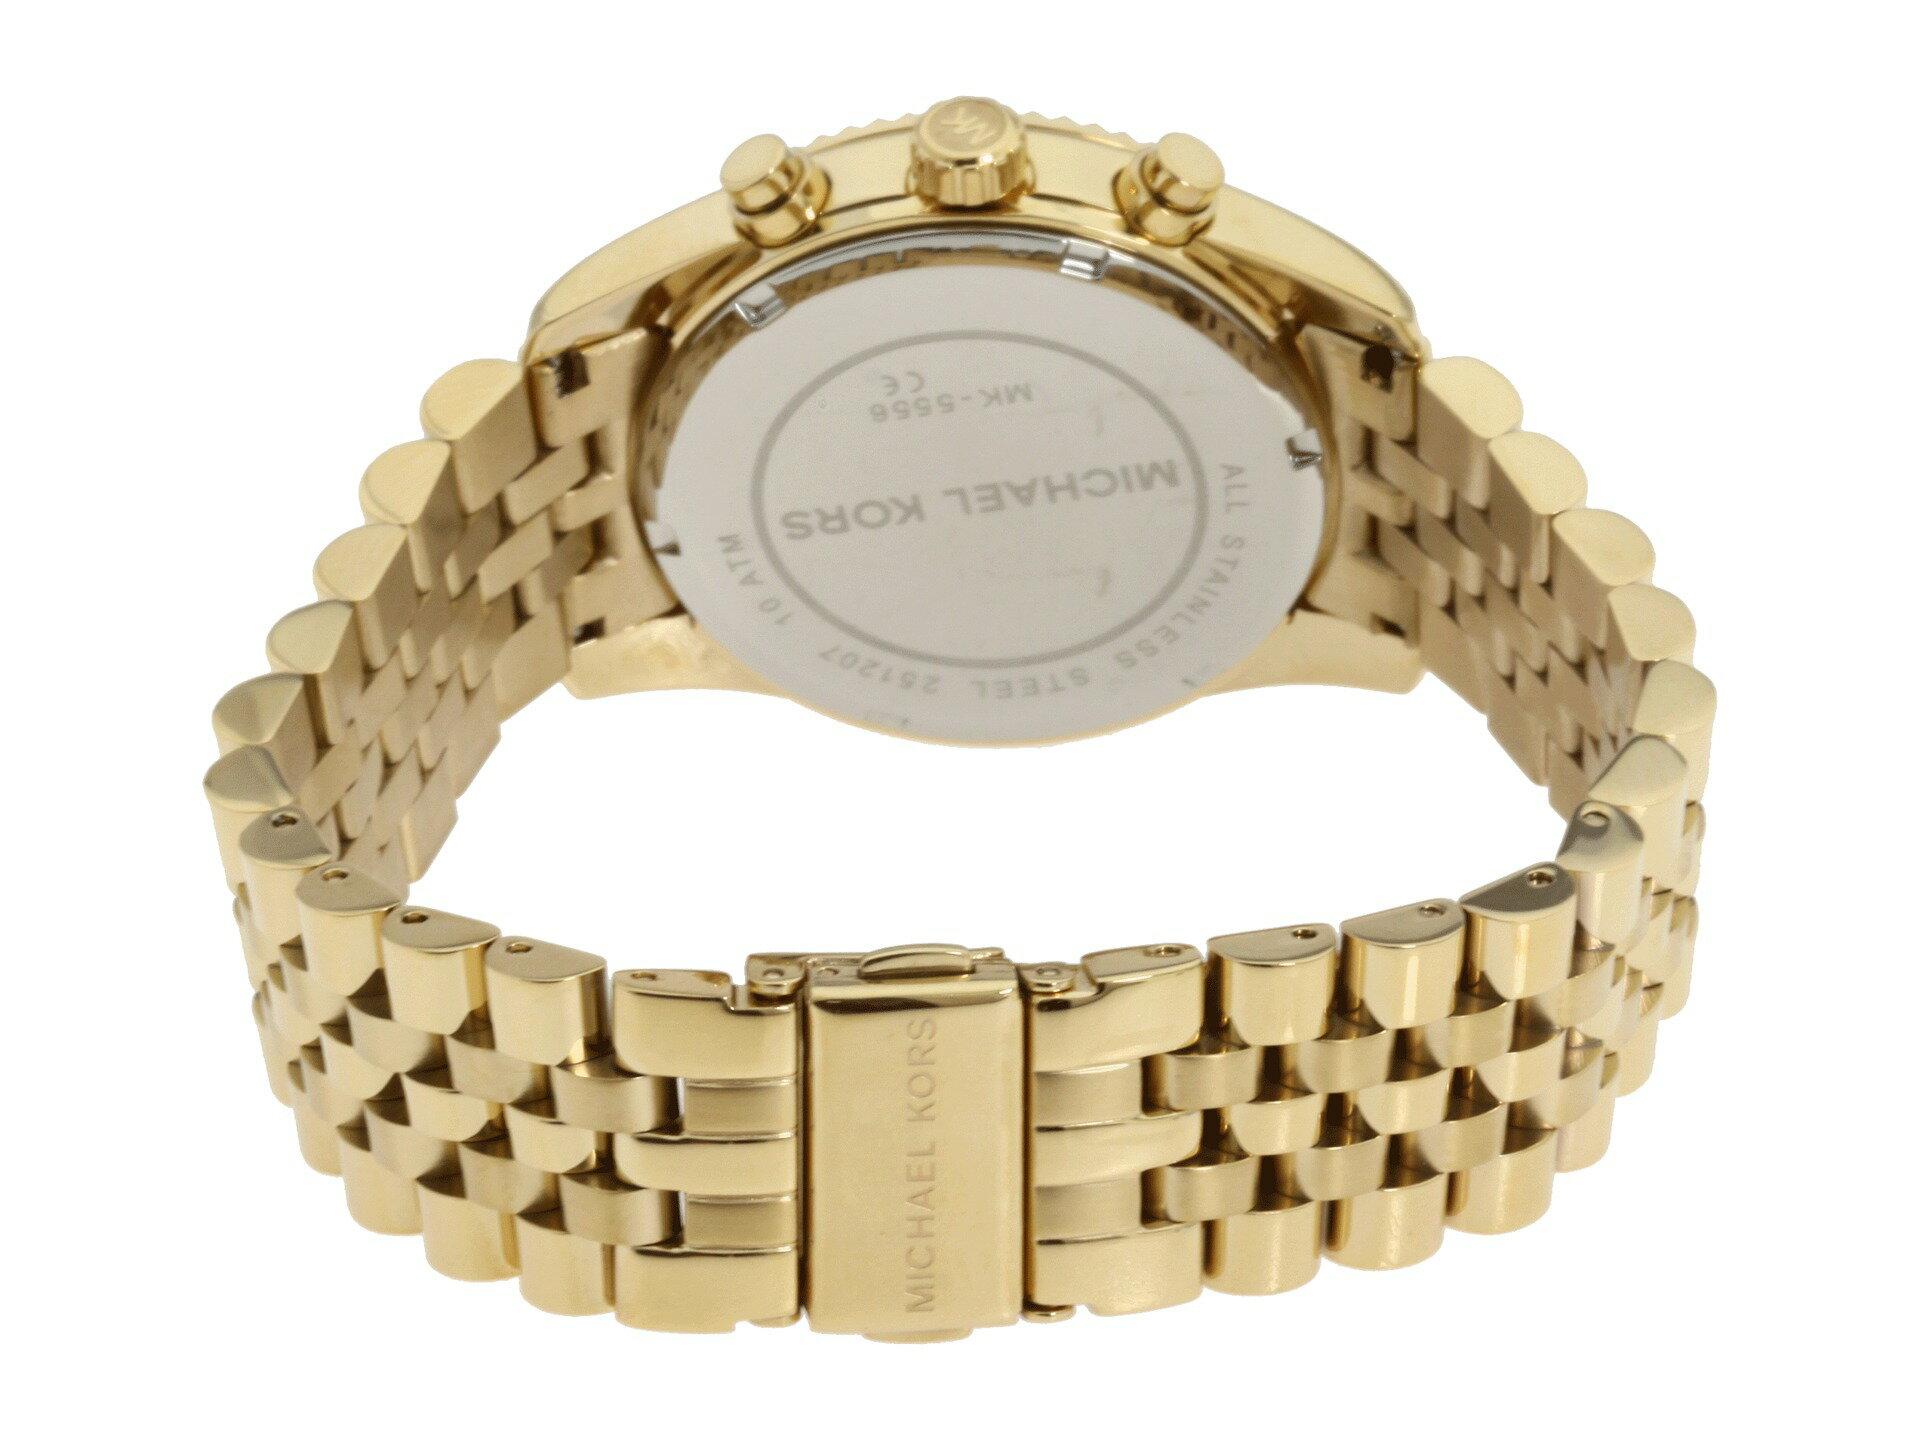 美國Outlet正品代購 MichaelKors MK  男女中性金色鋼帶錶 手錶 MK5556 3